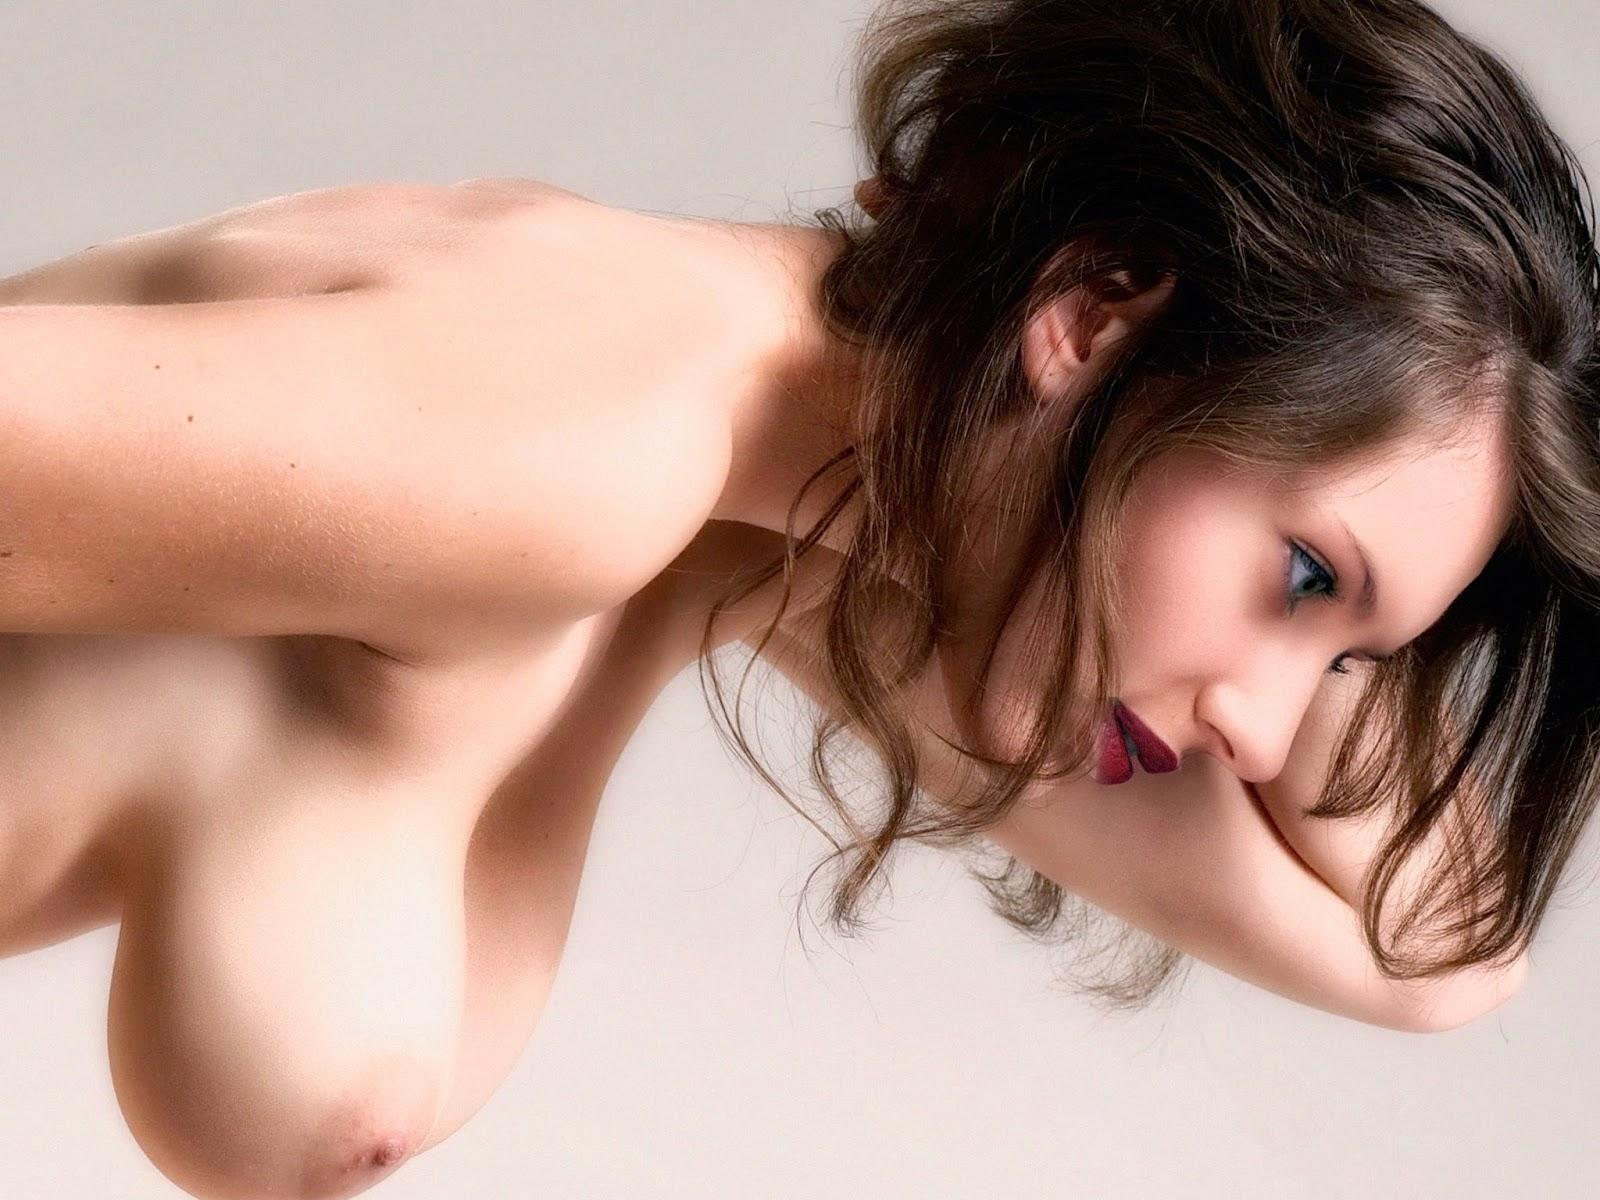 Scarlet johnssen naked pics — img 12